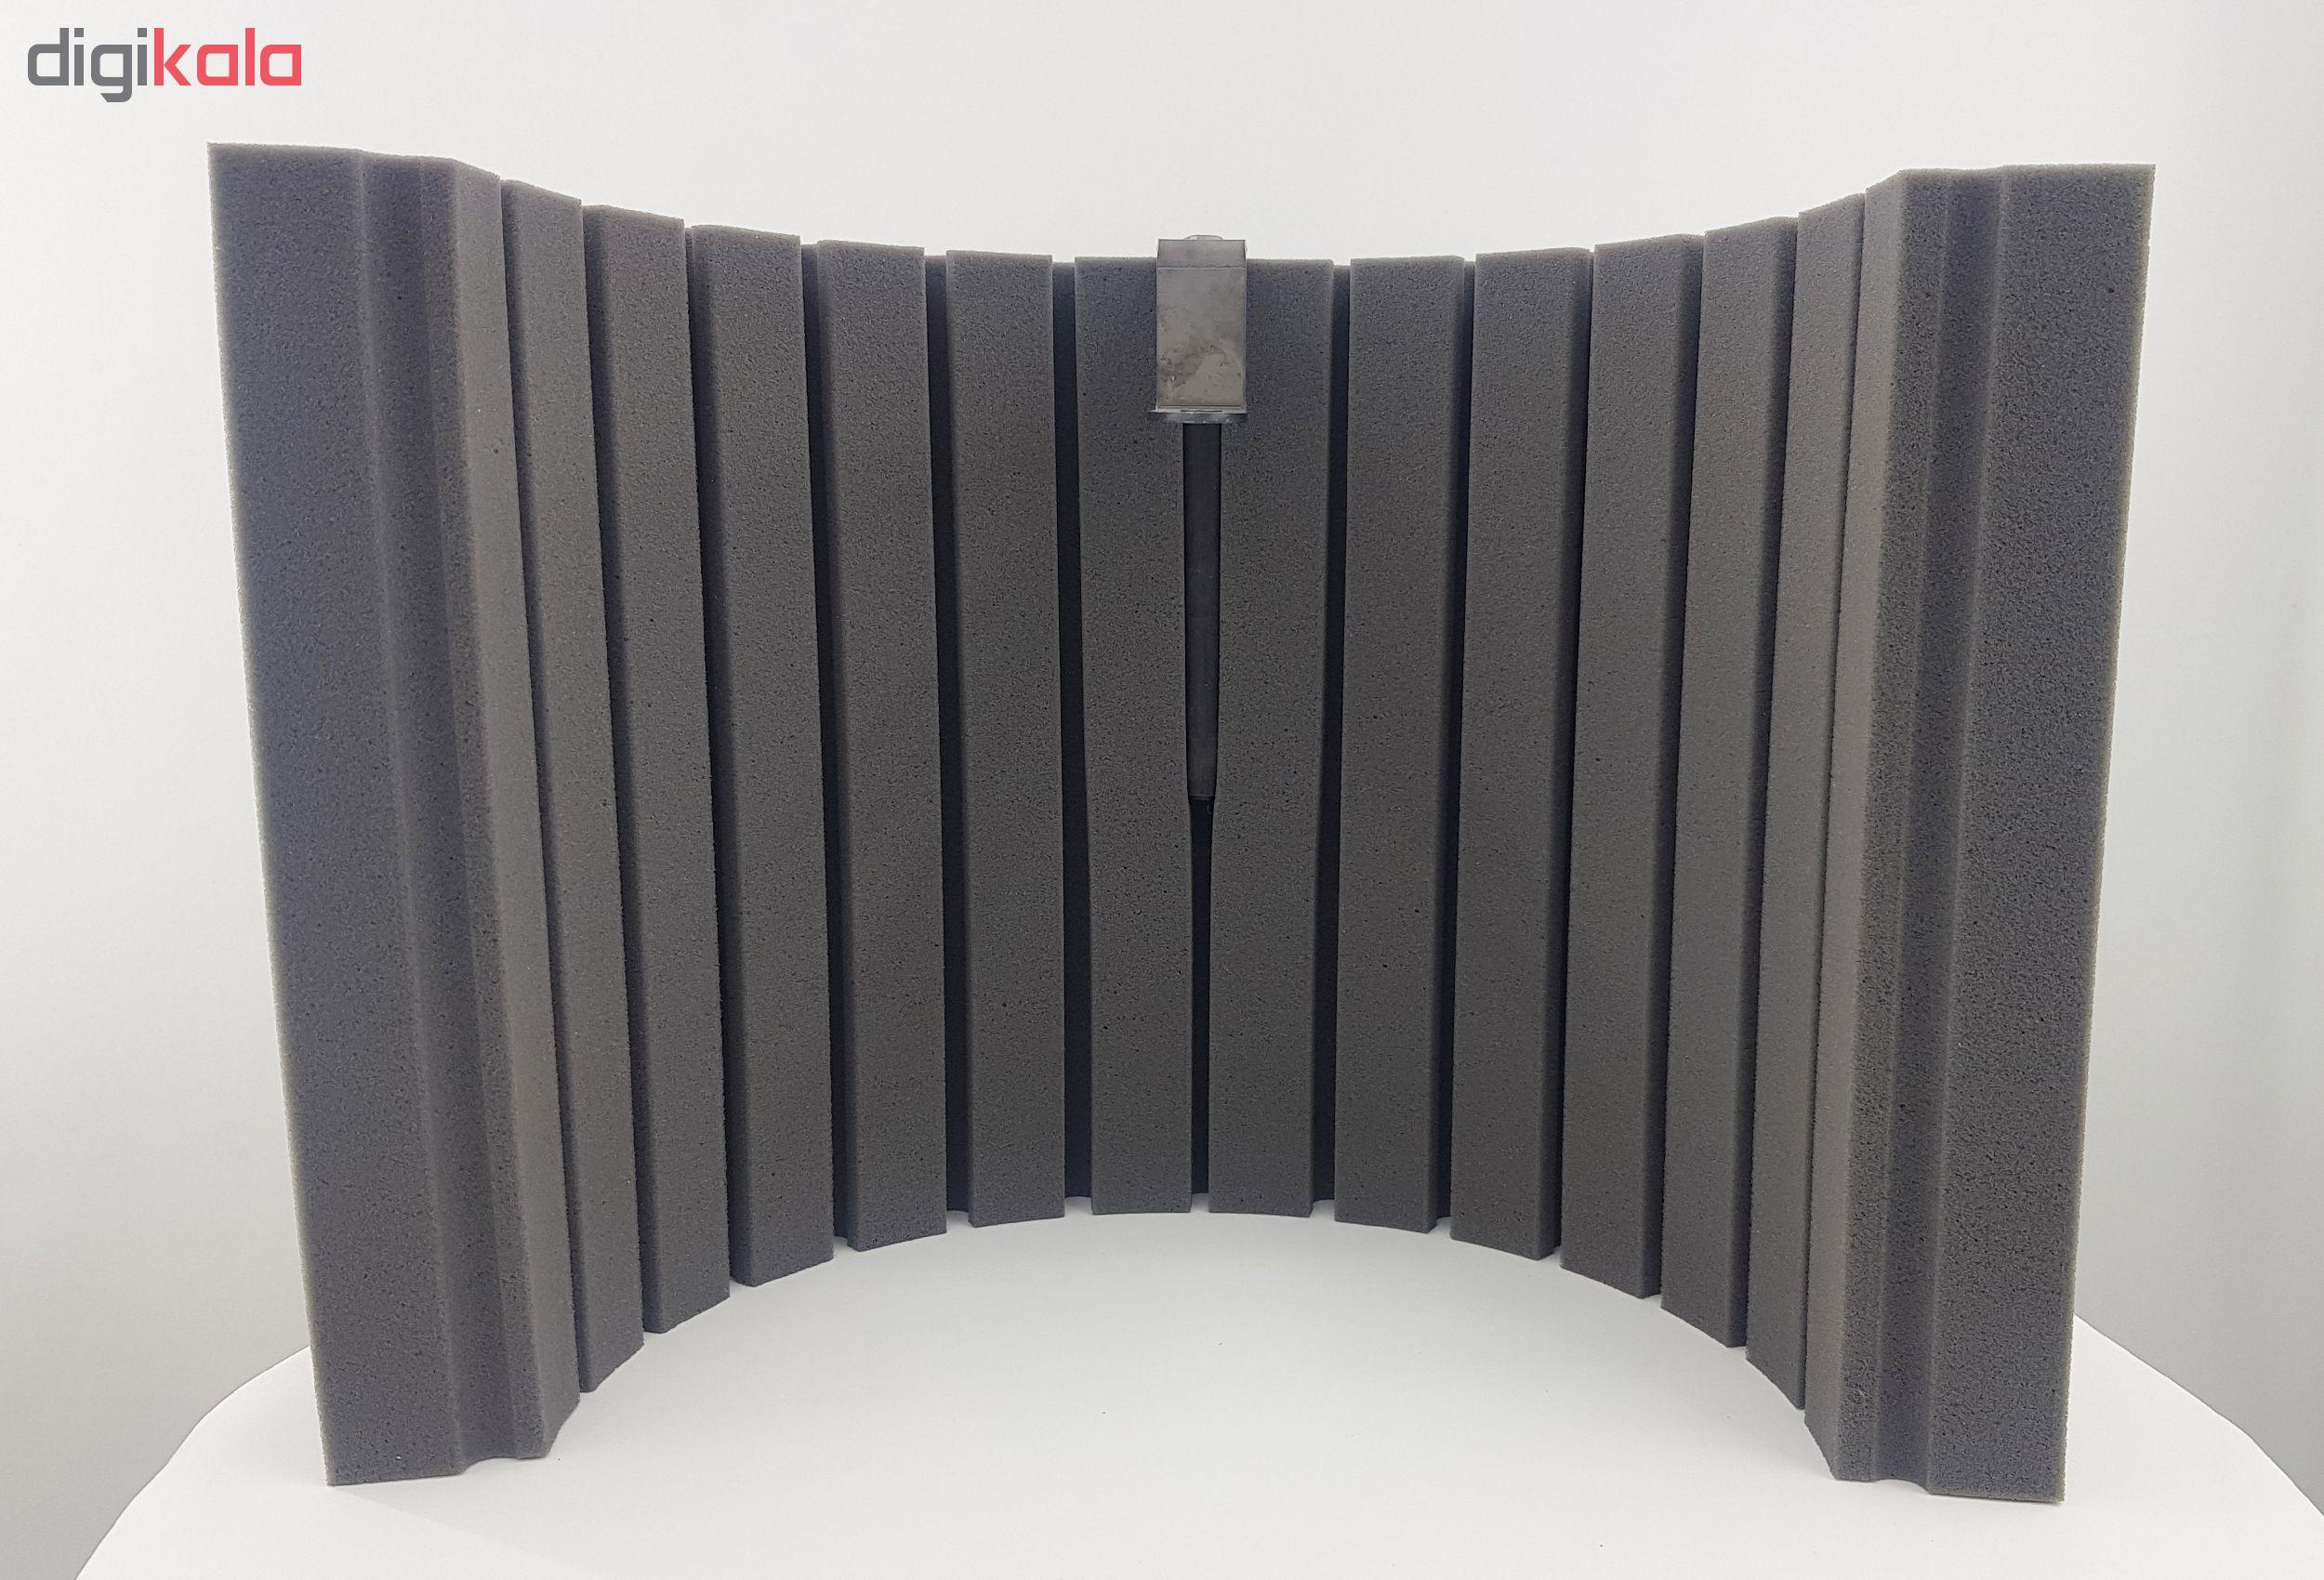 پنل اکوستیک ایران استودیو مدل ایزیلاتور کد 035